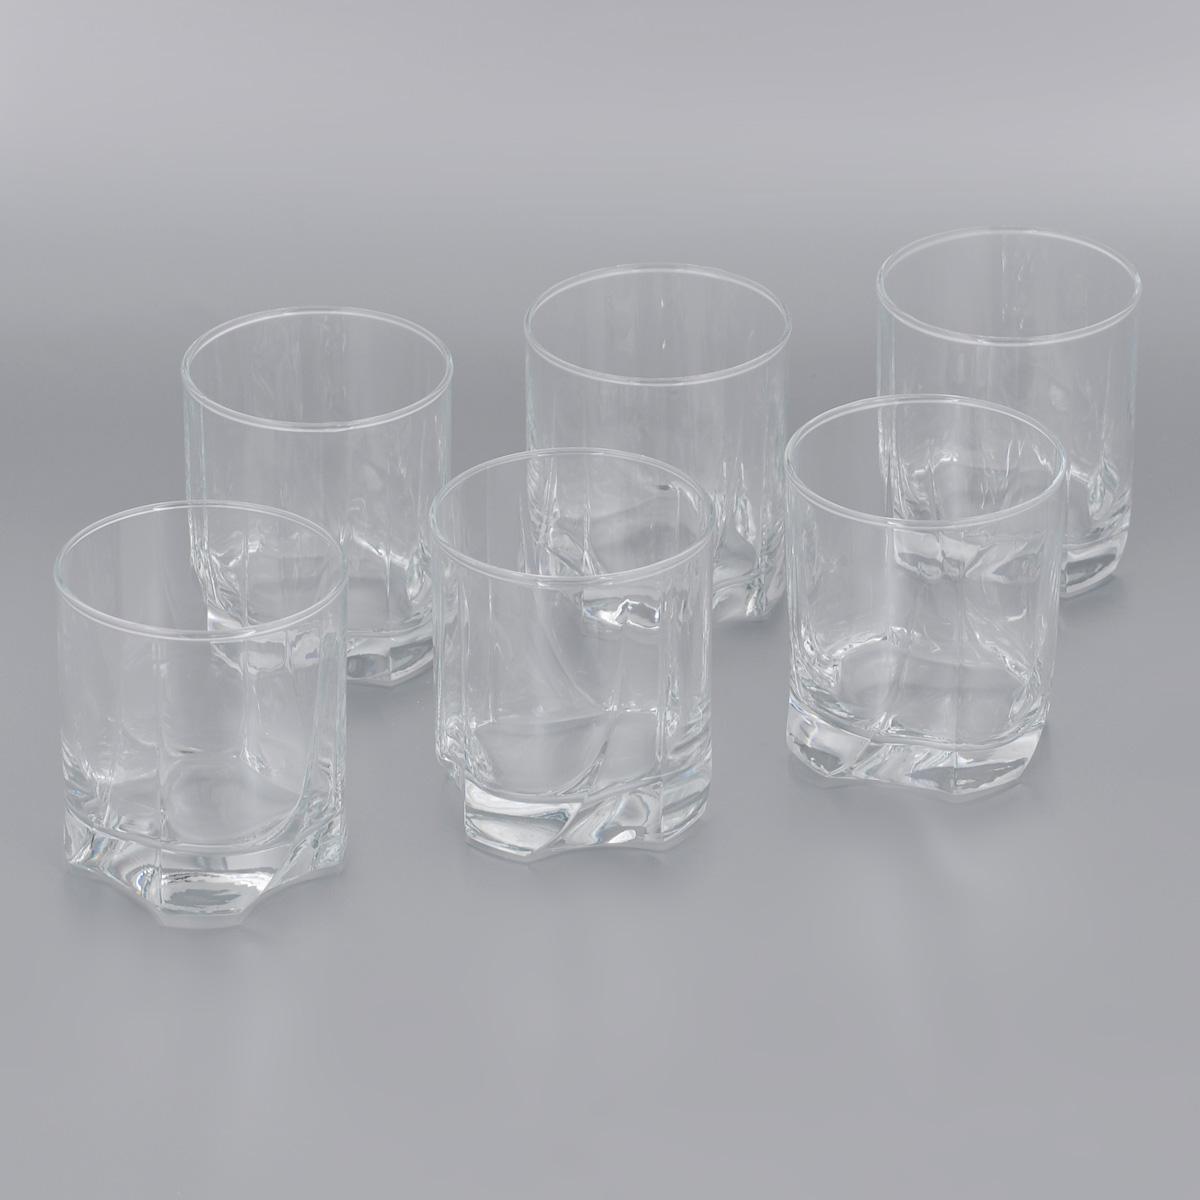 Набор стаканов для виски Pasabahce Luna, 368 мл, 6 шт42348BНабор Pasabahce Luna состоит из шести стаканов, выполненных из прочного натрий-кальций-силикатного стекла. Изделия оснащены многогранной рельефной поверхностью и утолщенным дном. Набор предназначен для подачи виски. Стаканы сочетают в себе элегантный дизайн и функциональность. Благодаря такому набору пить напитки будет еще вкуснее.Набор стаканов Pasabahce Luna прекрасно оформит праздничный стол и создаст приятную атмосферу за романтическим ужином. Такой набор также станет хорошим подарком к любому случаю. Можно мыть в посудомоечной машине и использовать в микроволновой печи. Диаметр стакана по верхнему краю: 8 см.Высота стакана: 9,5 см.